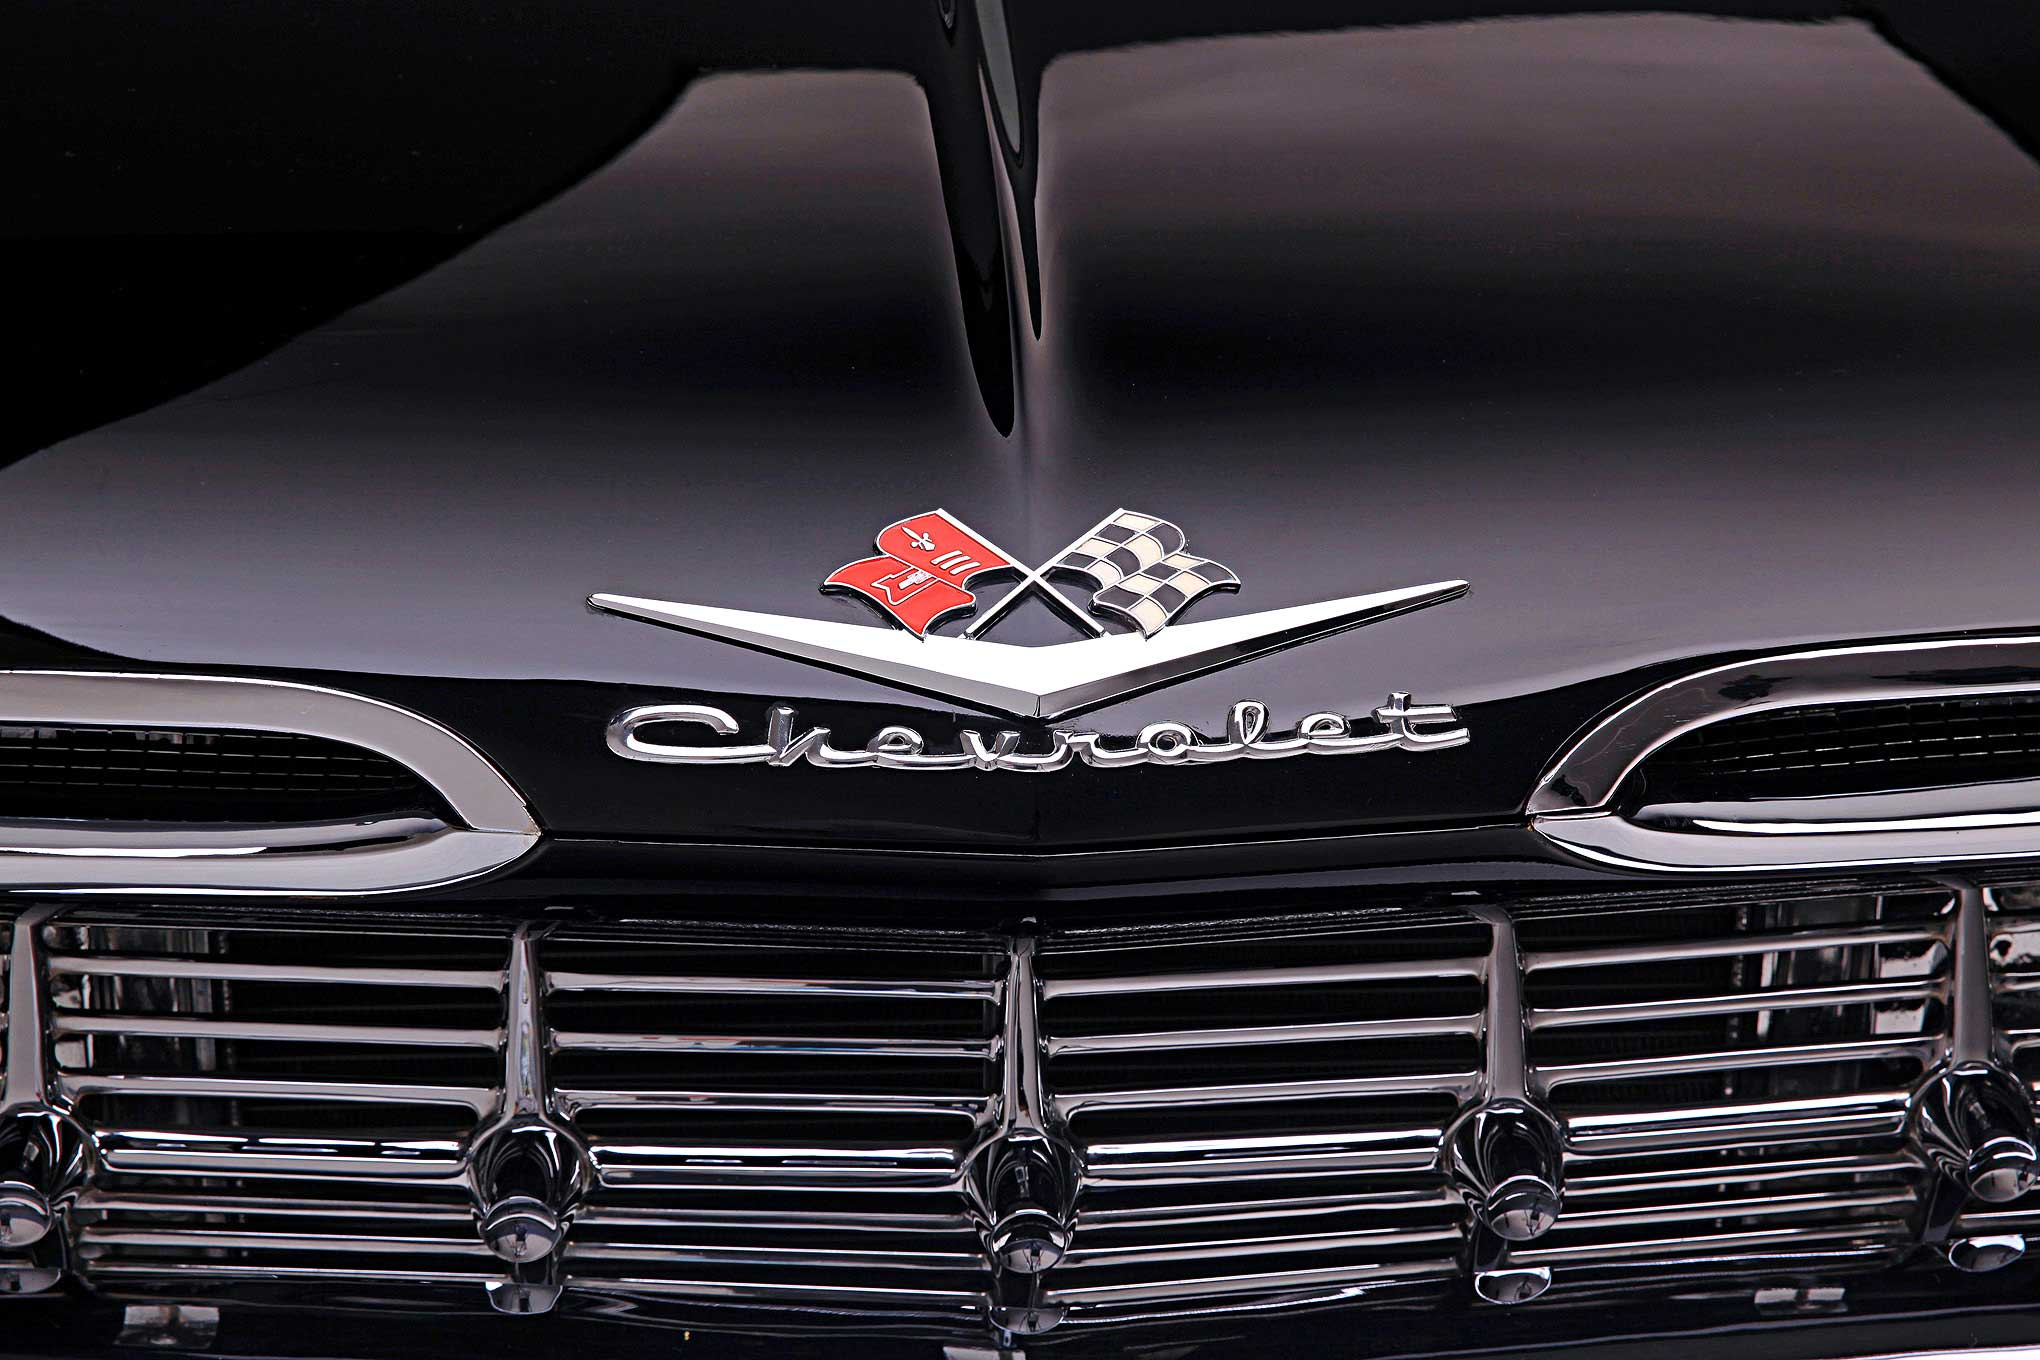 1959 chevrolet impala convertible the mothership 4983 buycottarizona Images